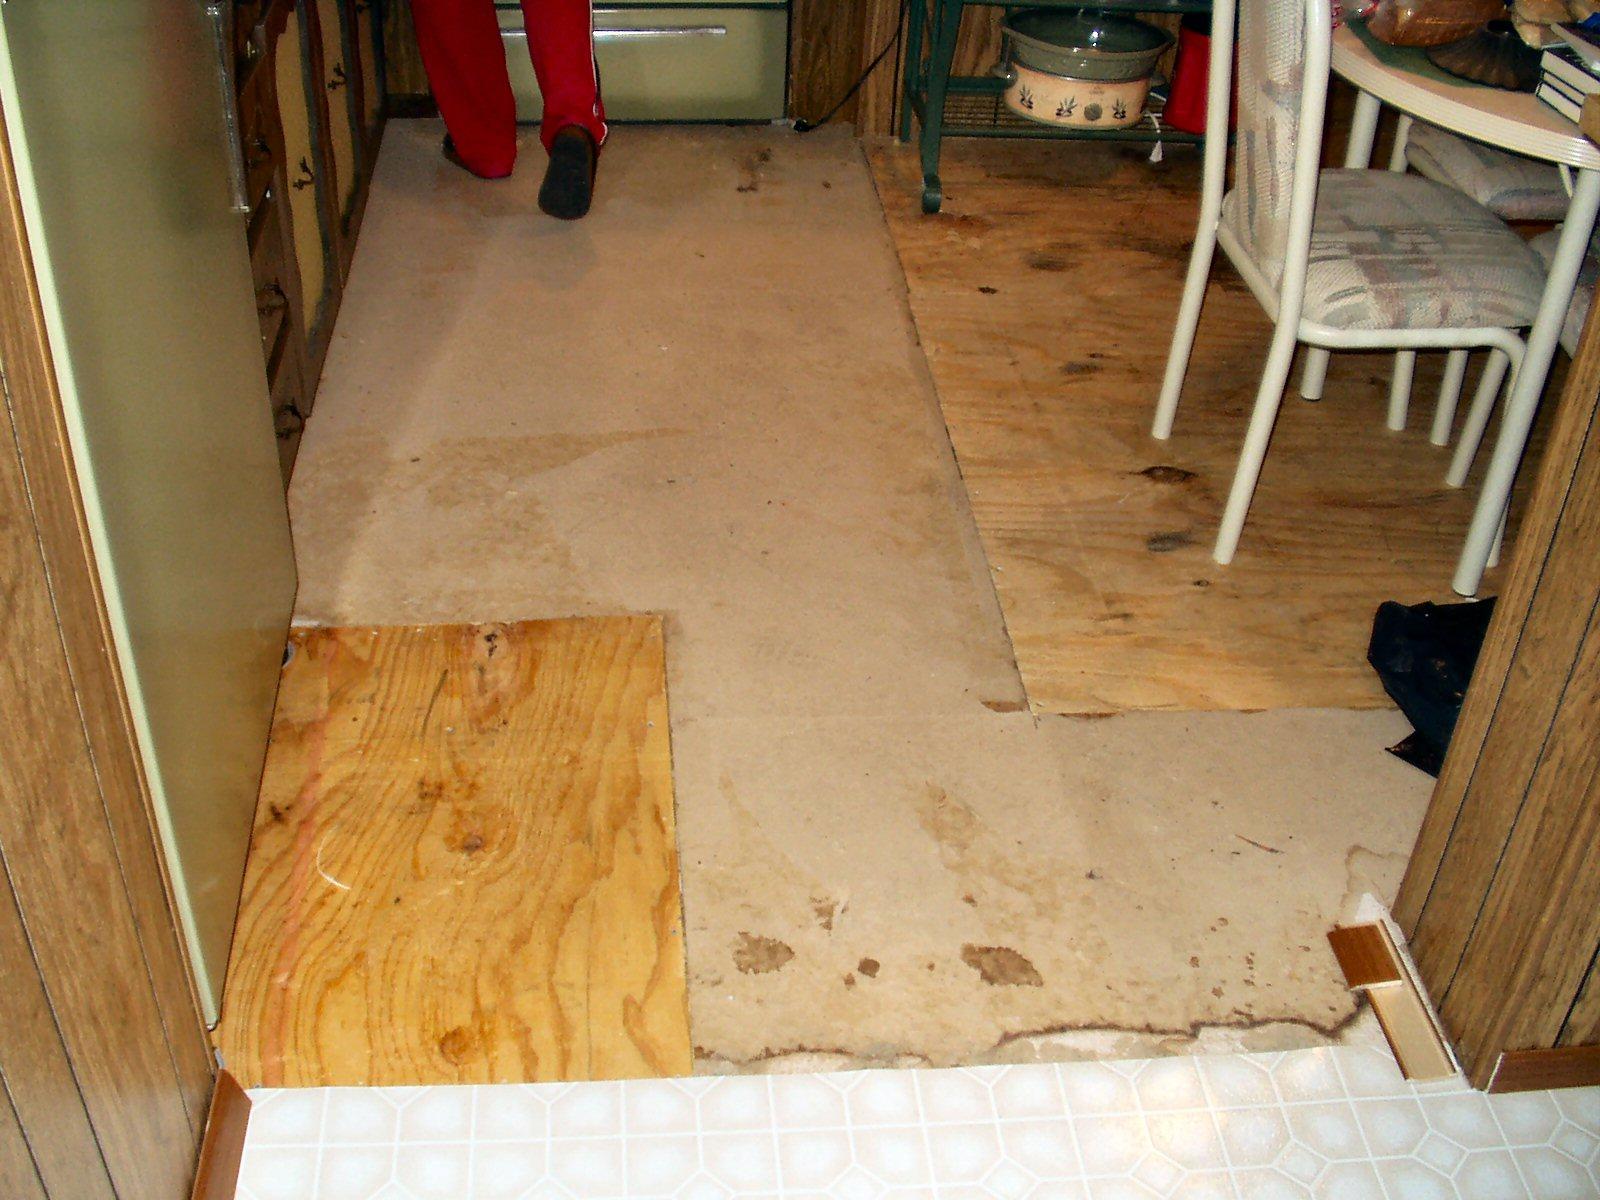 Kitchen vinyl flooring for kitchen Before